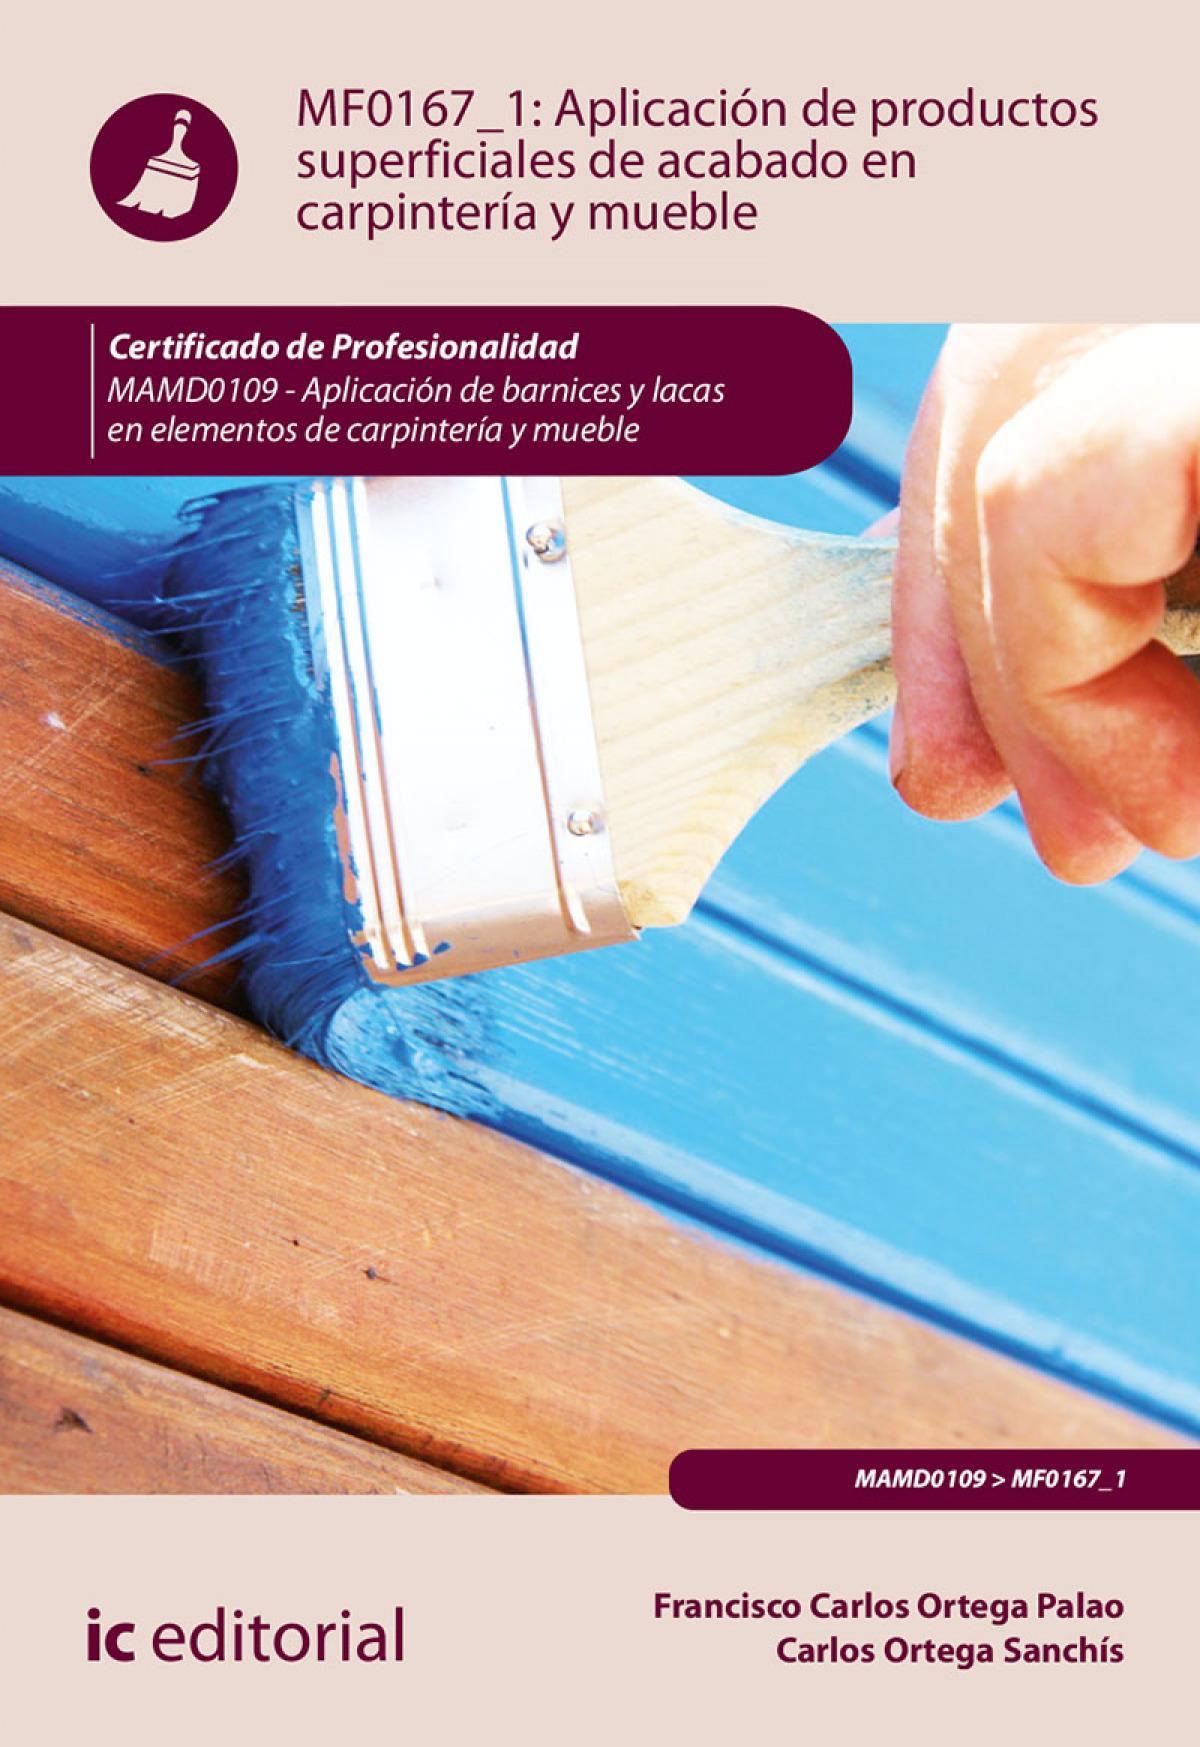 Aplicación de productos superficiales de acabado en carpintería y mueble. MAMD0109 - Aplicación de barnices y lacas en elementos de carpintería y mueb